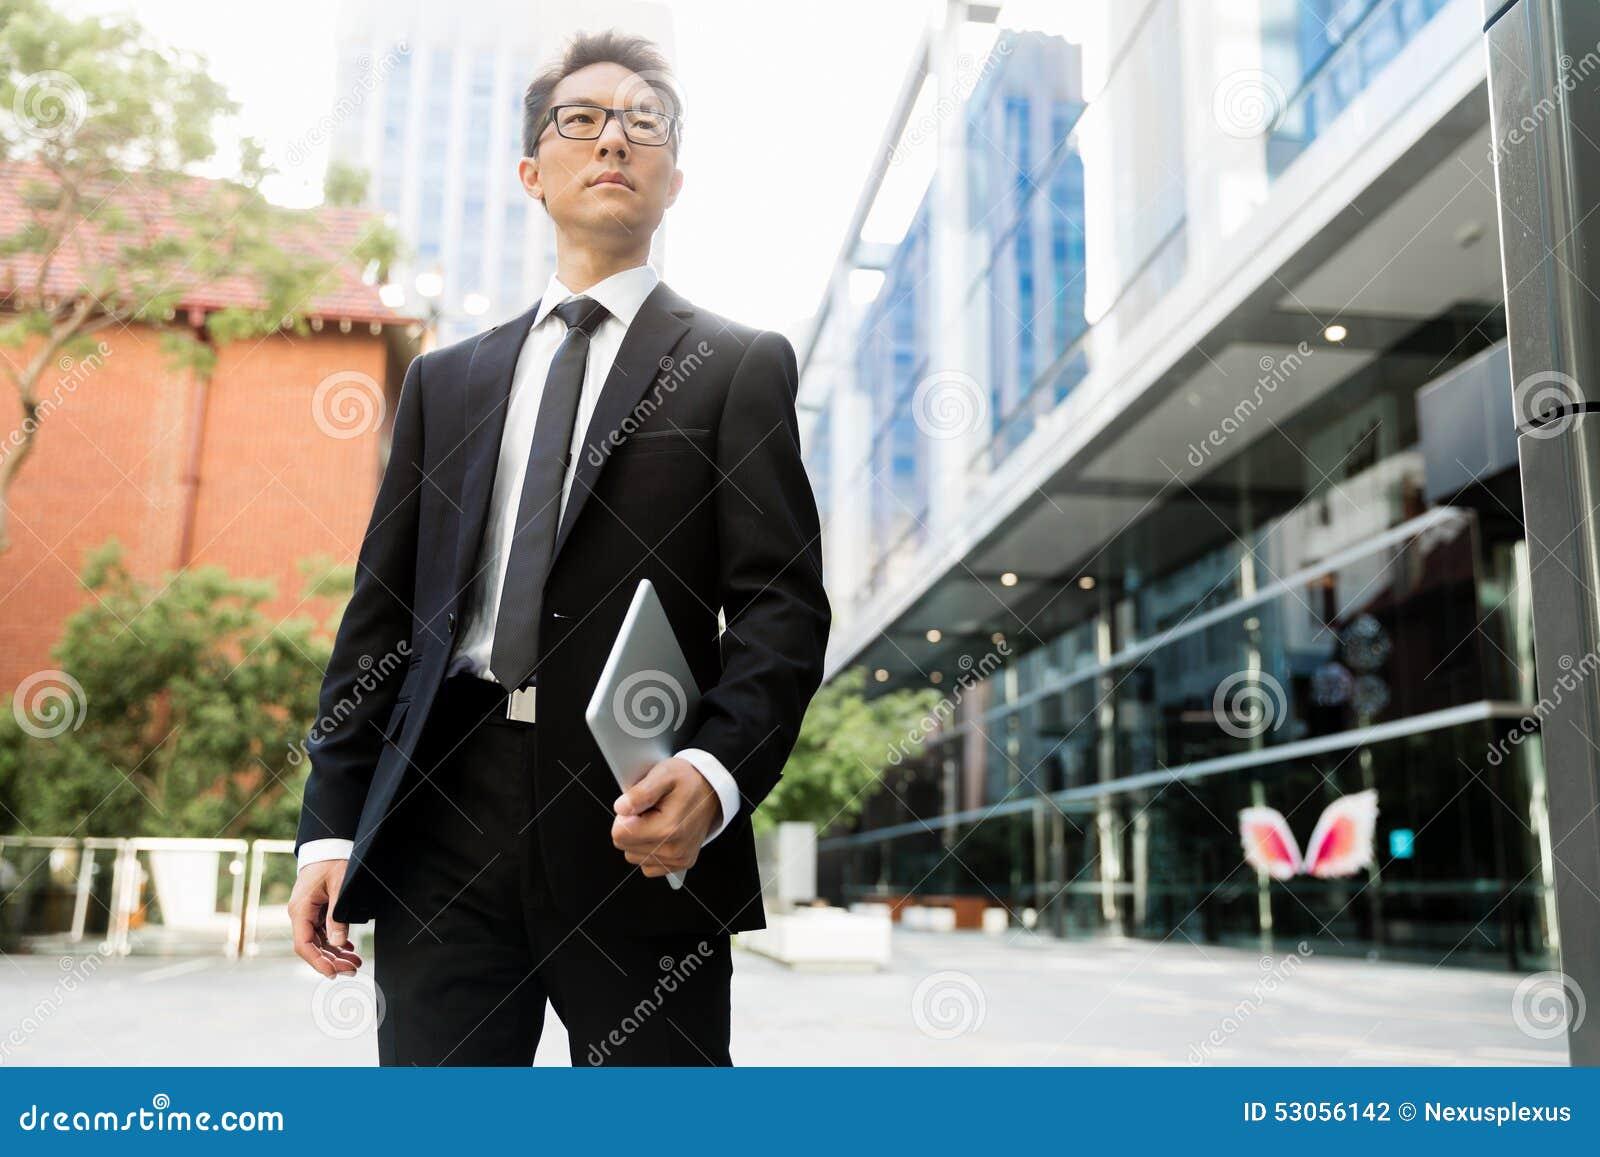 https://thumbs.dreamstime.com/z/%D0%BD%D0%B0-%D0%BC%D0%BE%D0%B5%D0%BC-%D0%BF%D1%83%D1%82%D0%B8-%D0%BA-%D1%83%D1%81%D0%BF%D0%B5%D1%85%D1%83-53056142.jpg